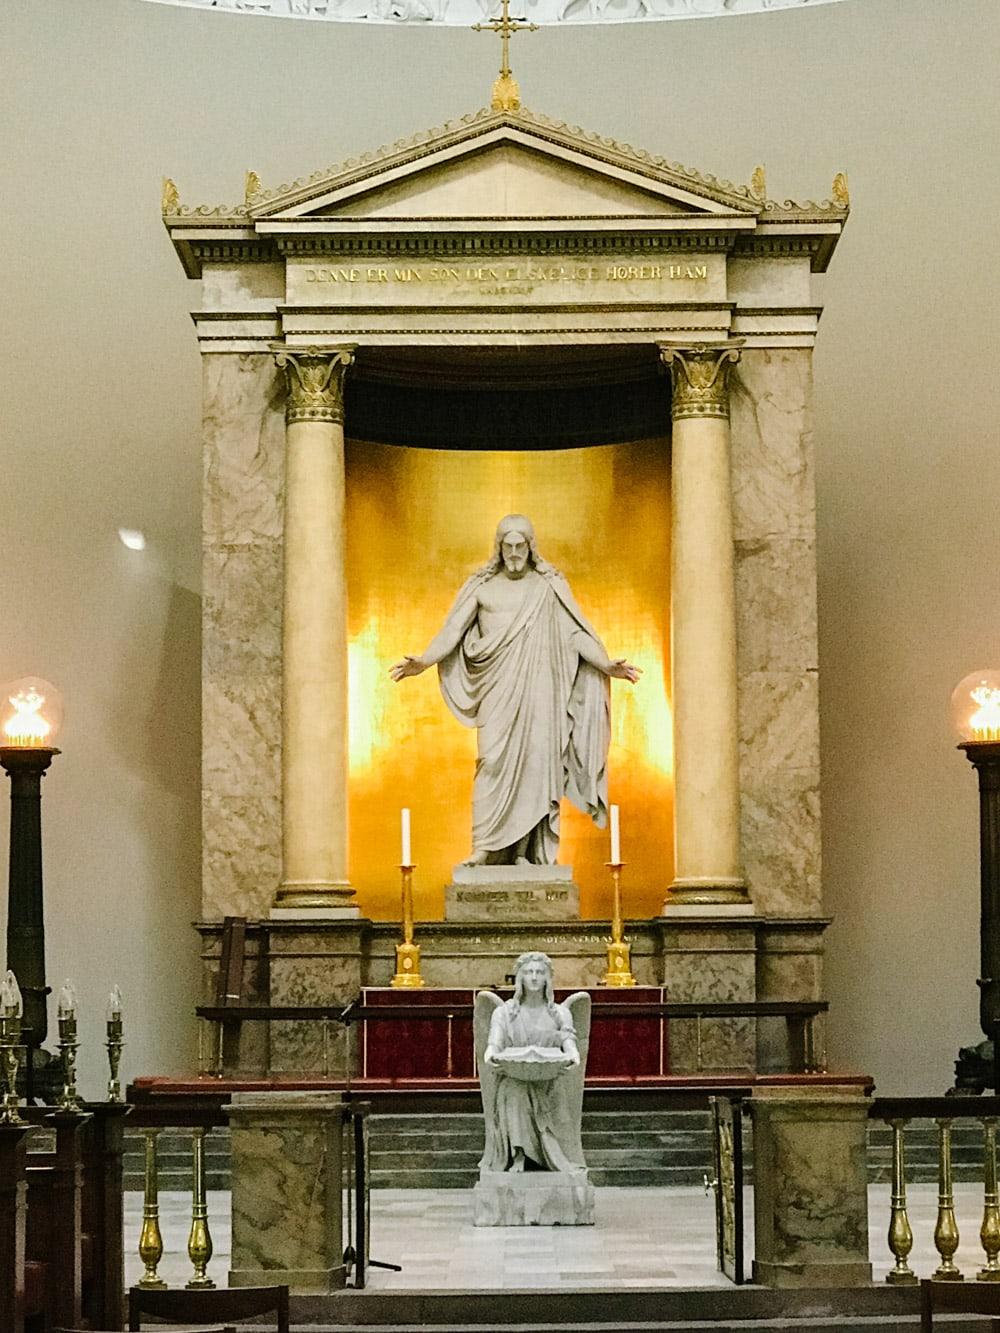 Risen Christ Statue in Copenhagen Denmark